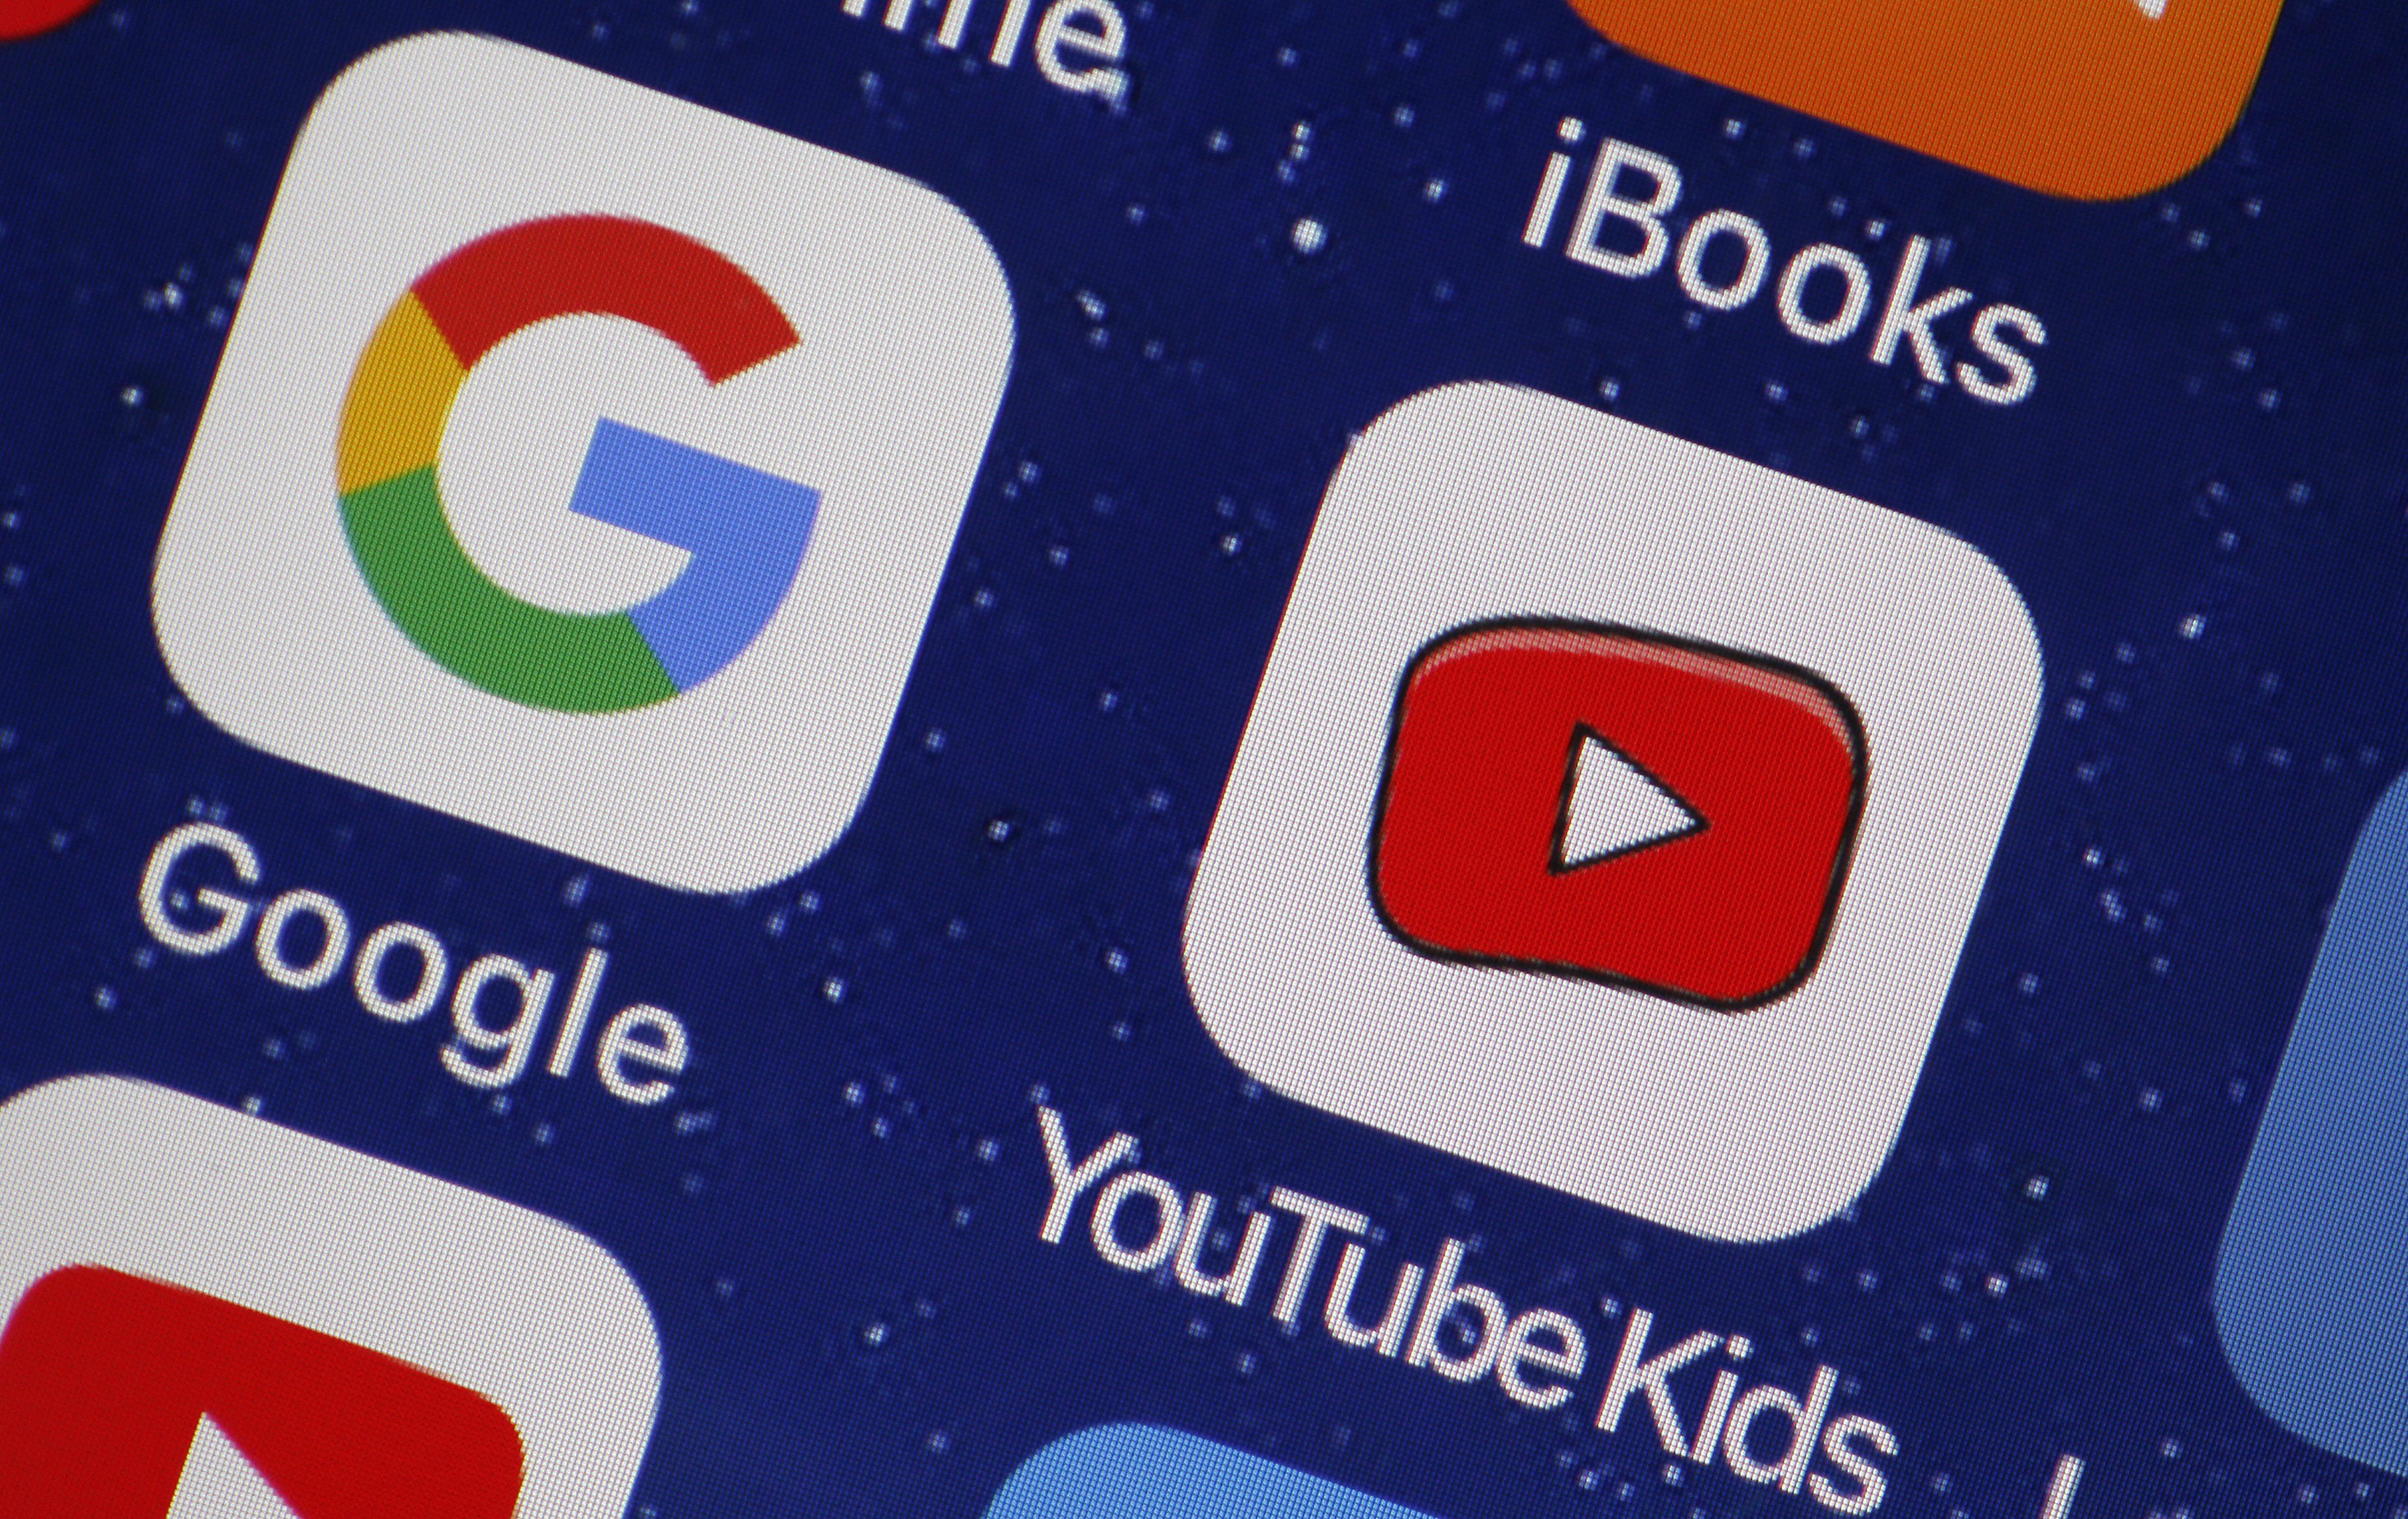 Google, YouTube, arama ve daha fazlasında çocuklar için önemli güvenlik değişikliklerini duyurdu | Engadget